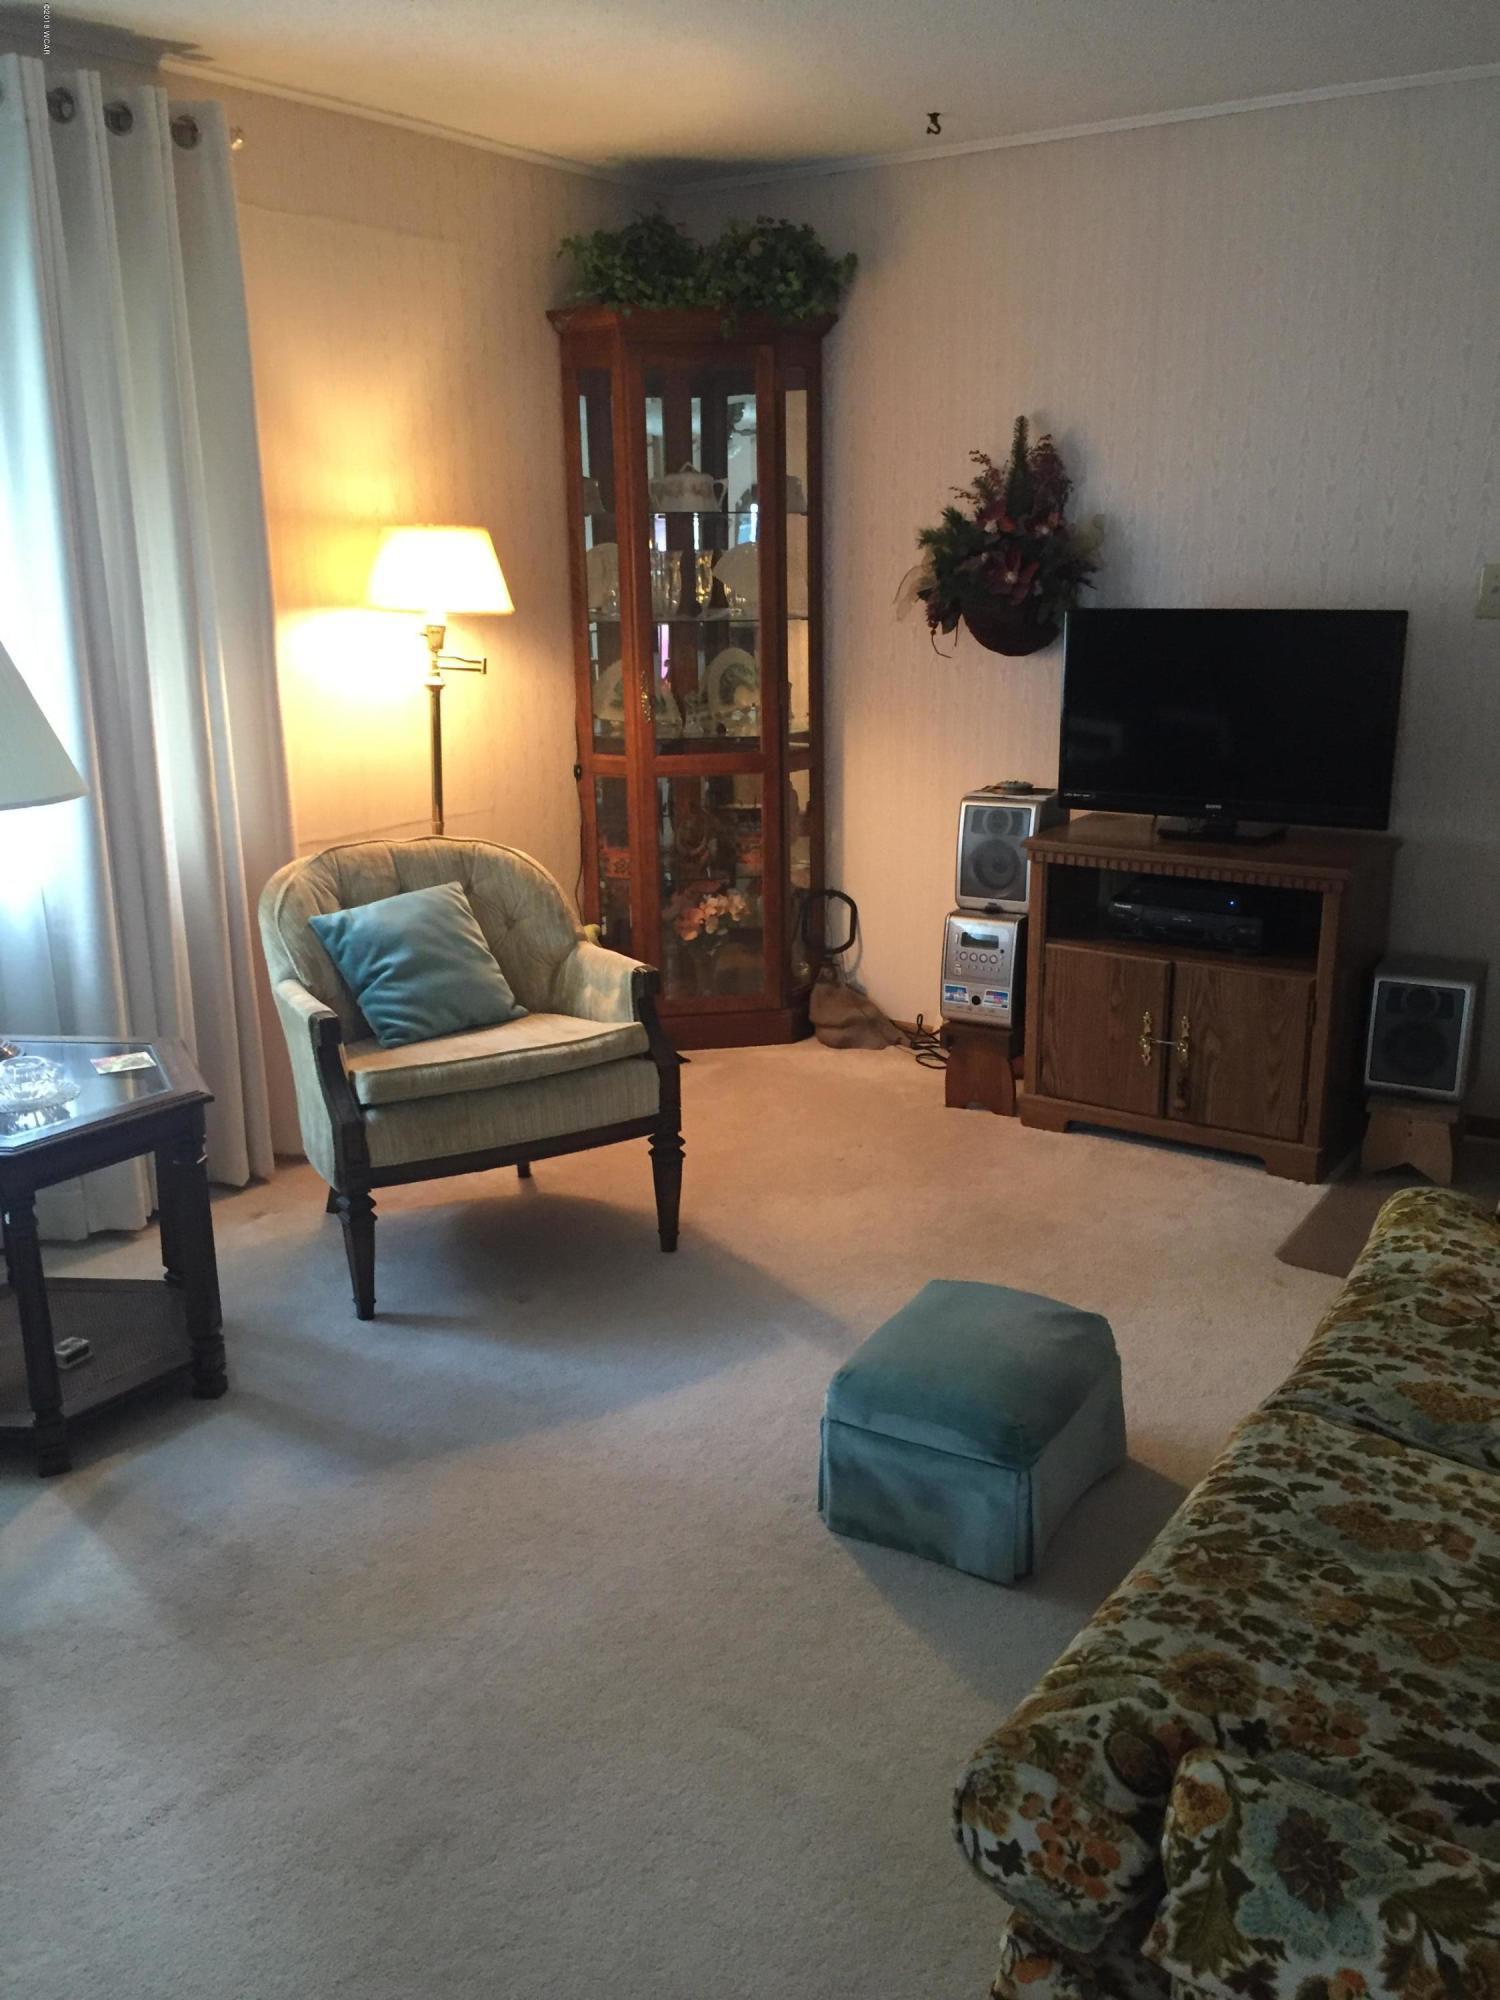 1417 Minnesota Avenue,Willmar,2 Bedrooms Bedrooms,1 BathroomBathrooms,Single Family,Minnesota Avenue,6030661